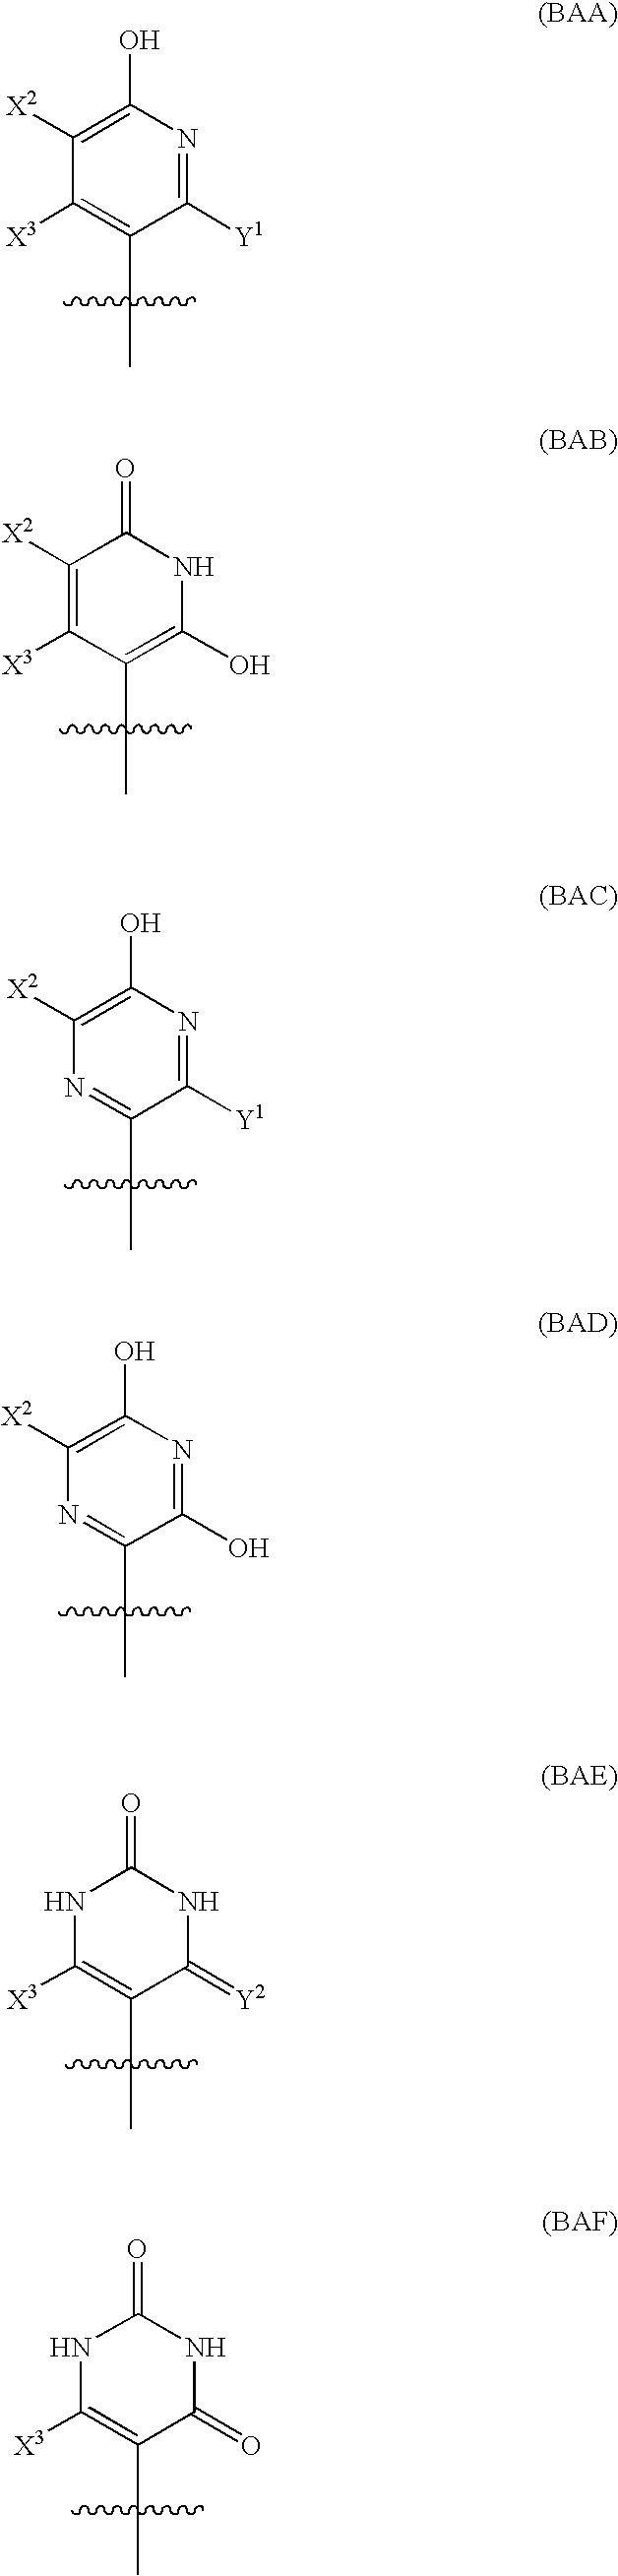 Figure US07608600-20091027-C00014